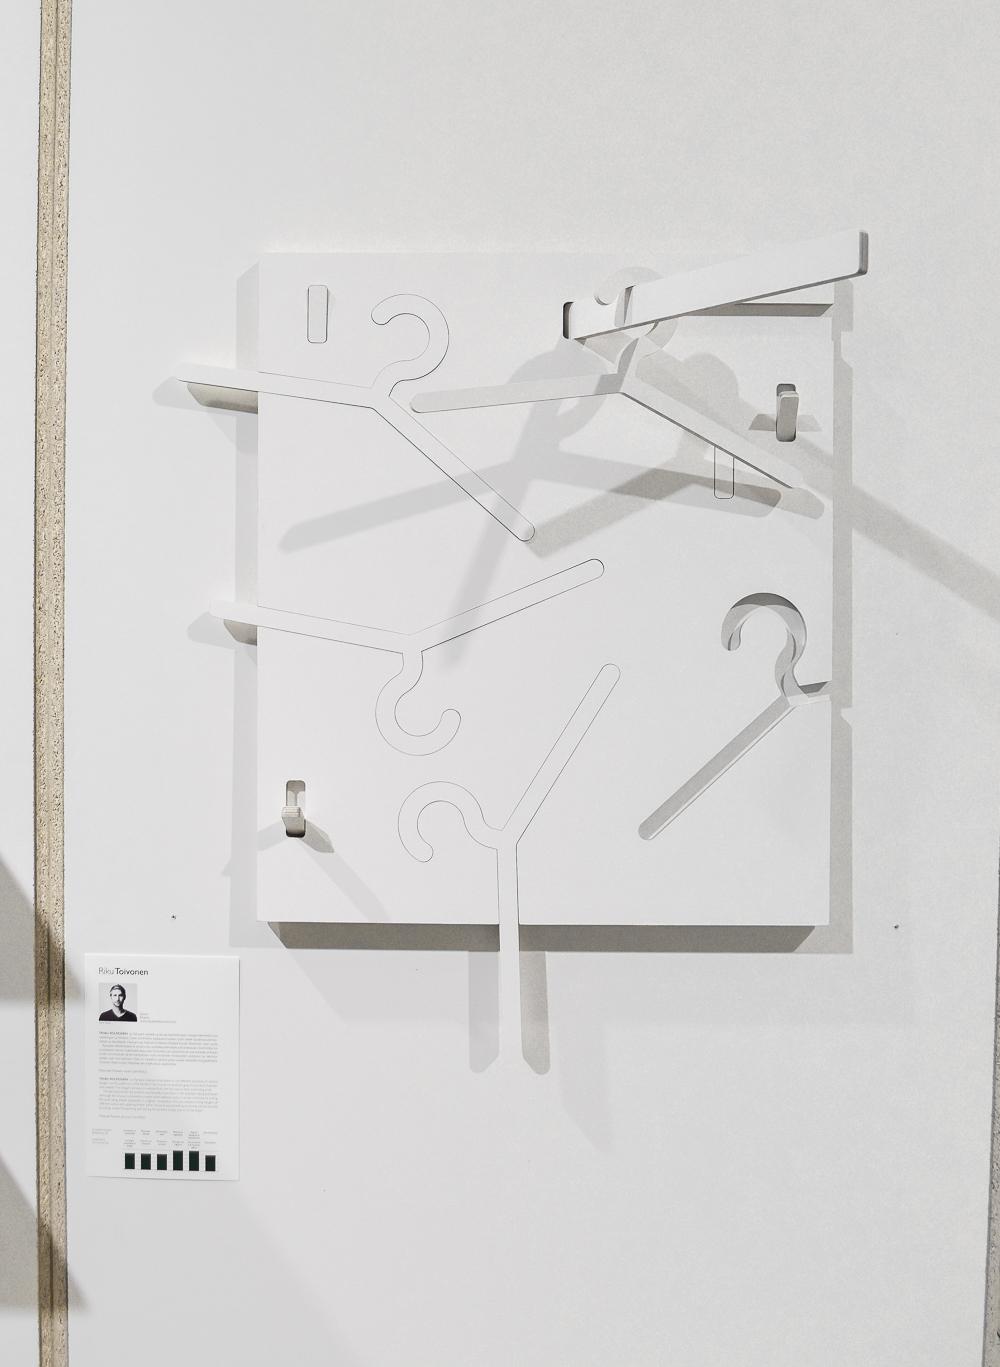 Interactive hangers